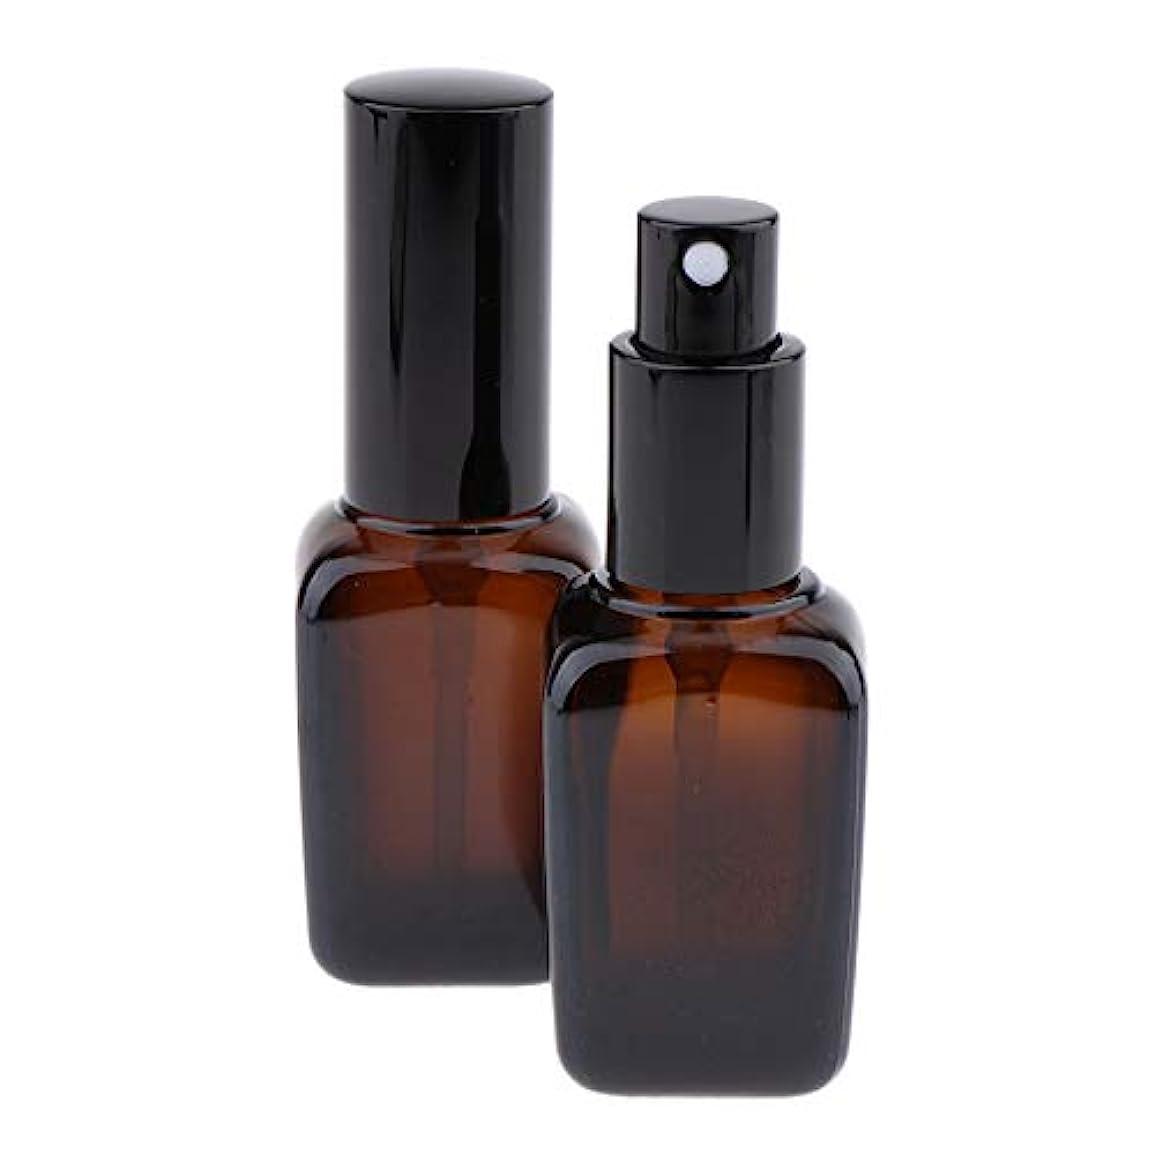 スノーケルデコレーションうそつき香水 アロマテラピー エッセンシャルオイル ボトル 10/20/30/50/100ml ガラス 5サイズ選べ - 30ml